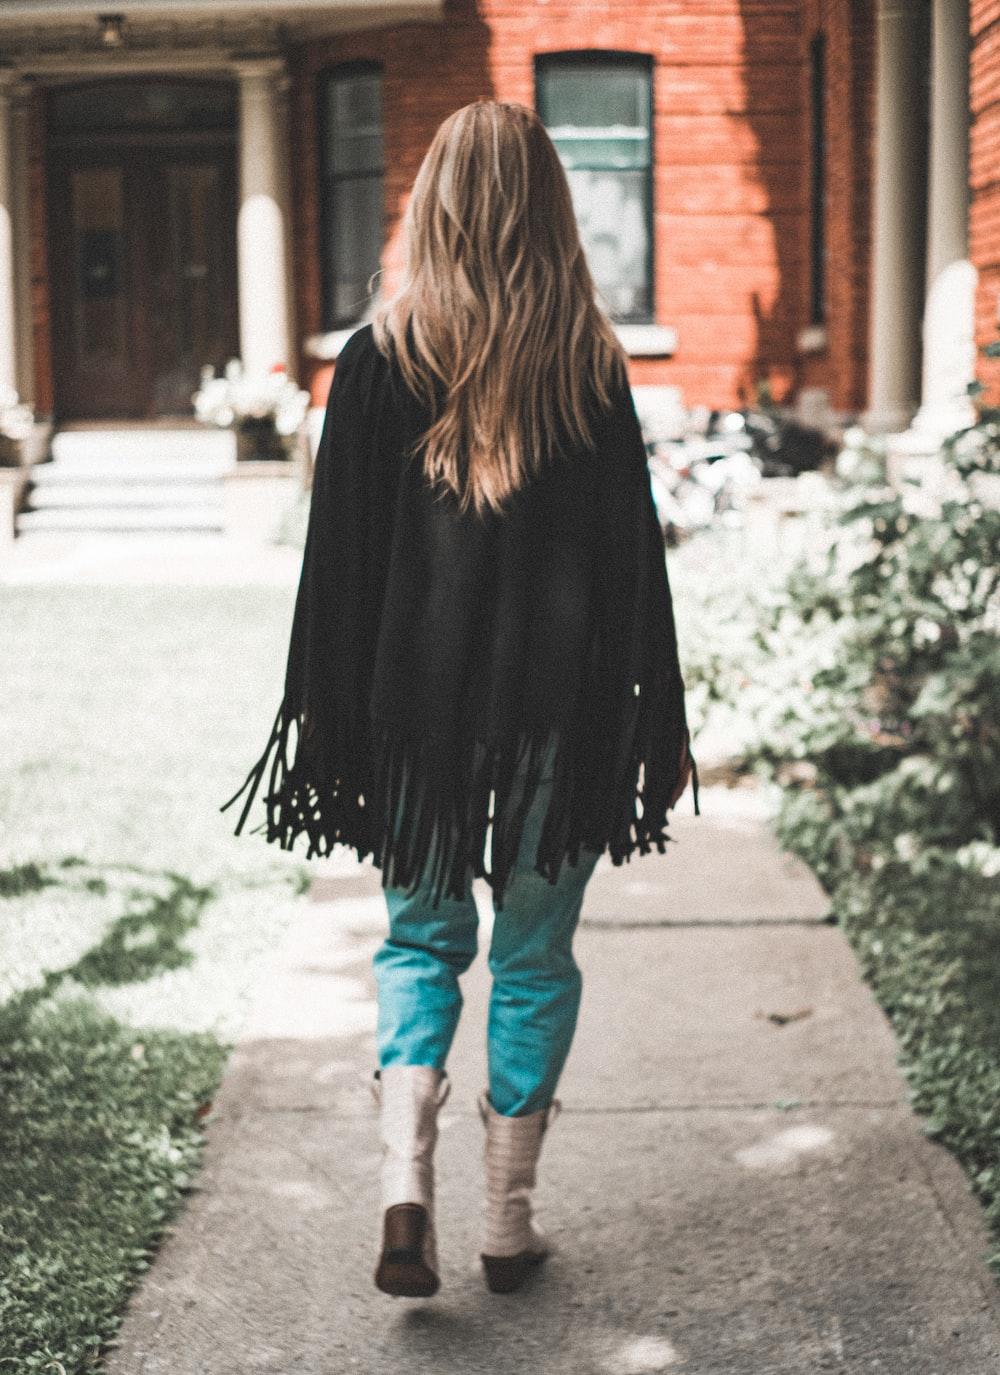 woman wearing black fringe cardigan walking on pathway